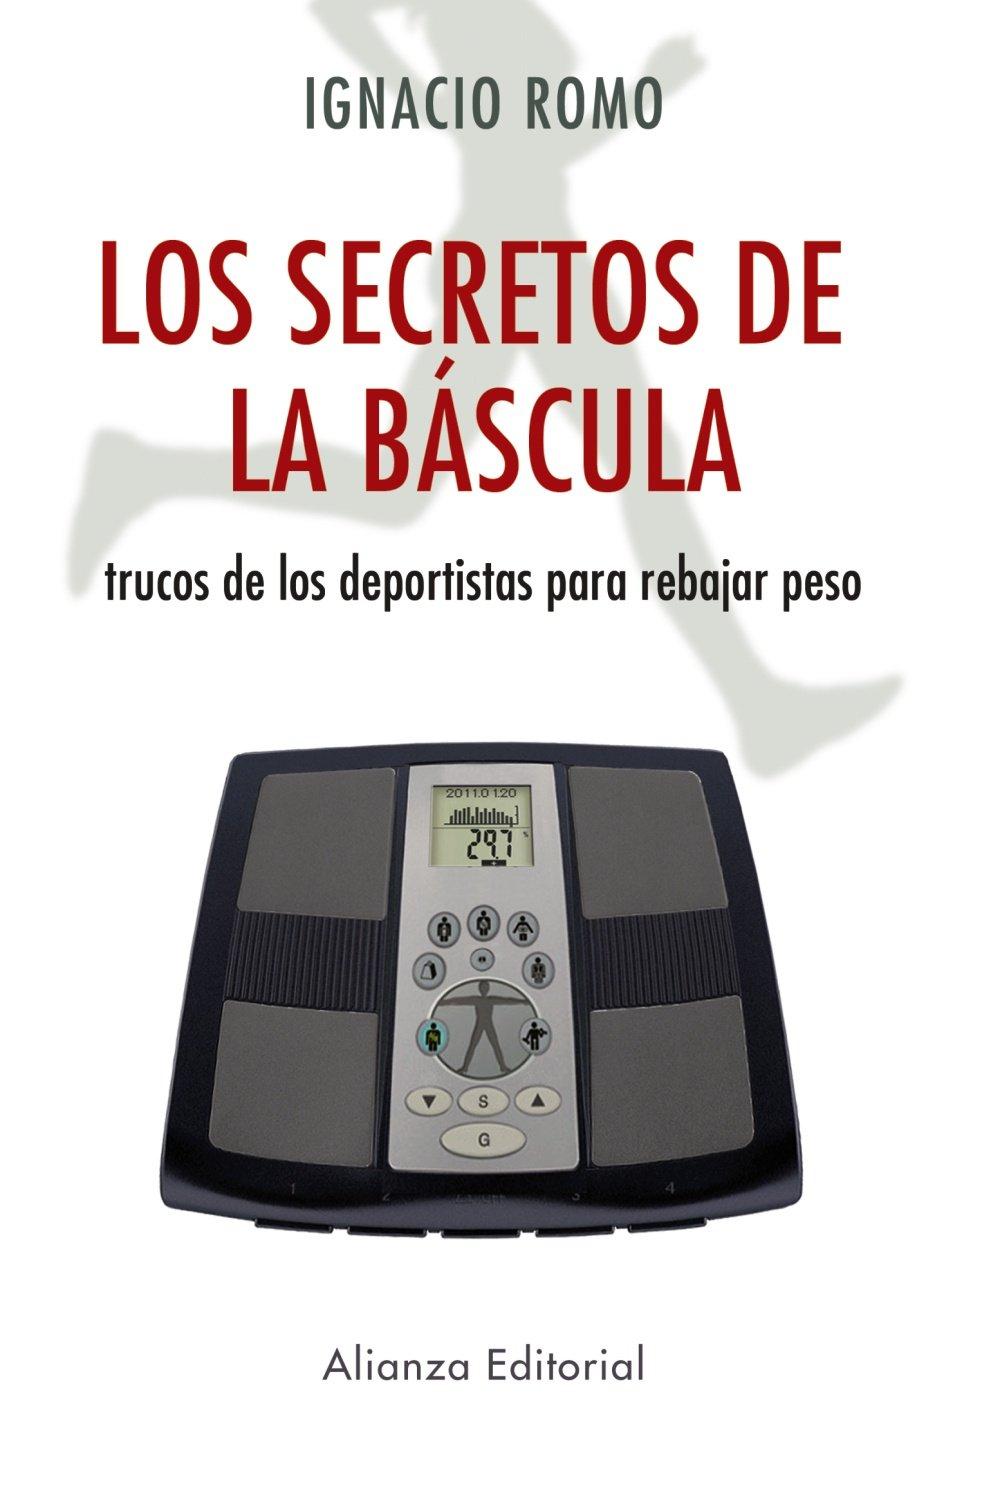 Los secretos de la báscula : trucos de los deportistas para rebajar peso (Spanish) Paperback – May 1, 2011